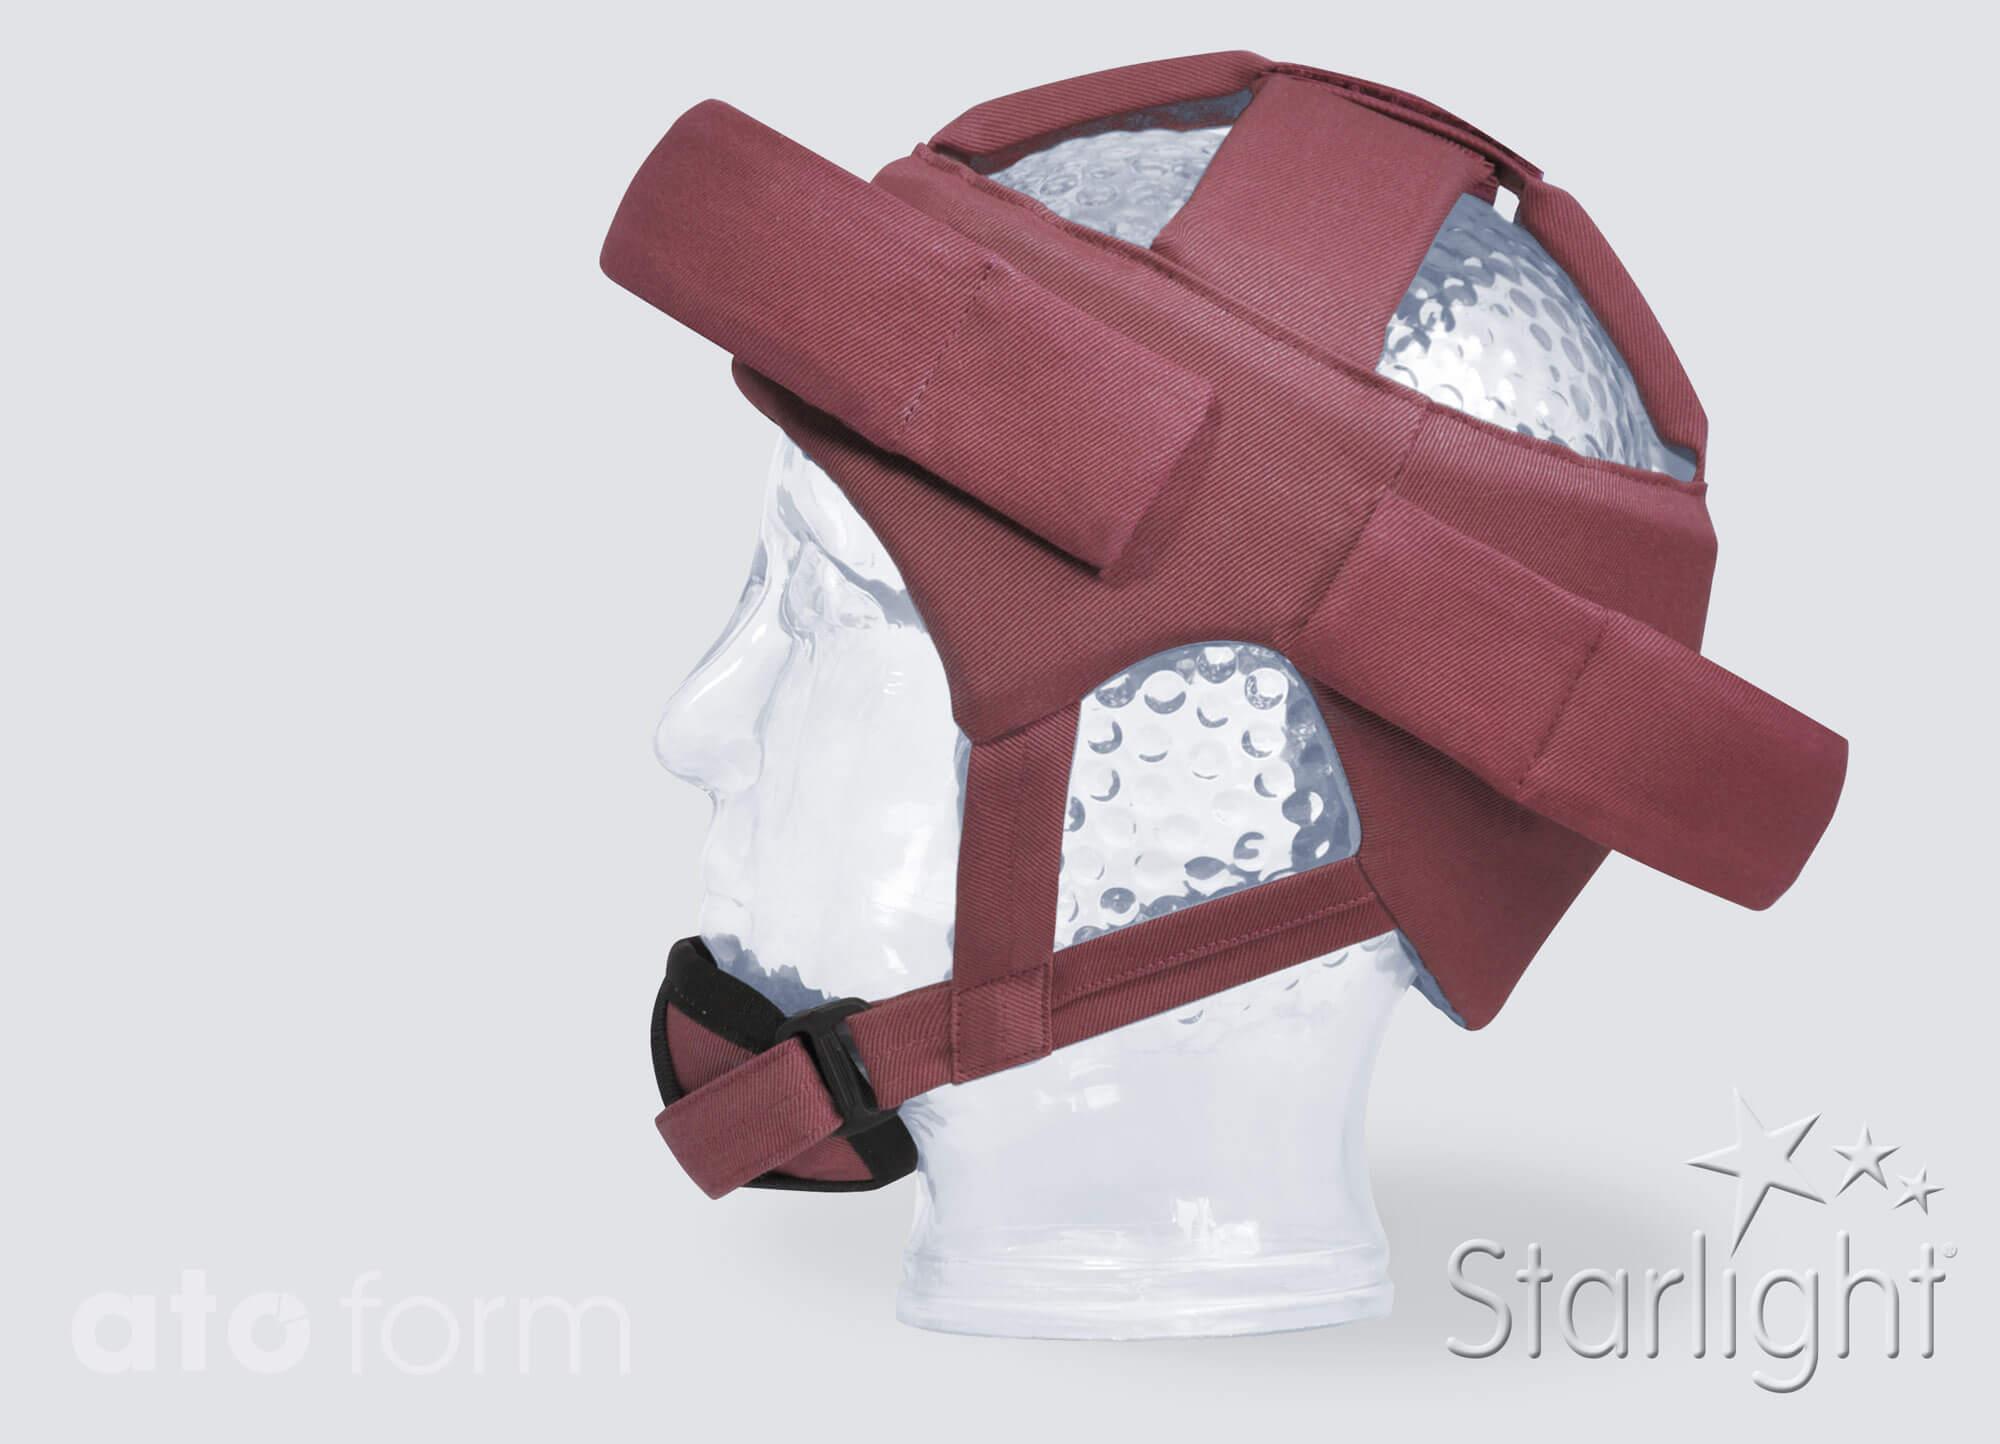 Hoofdbescherming Starlight® Base met accessoires (kinbescherming, voorhofds- en nekbescherming)